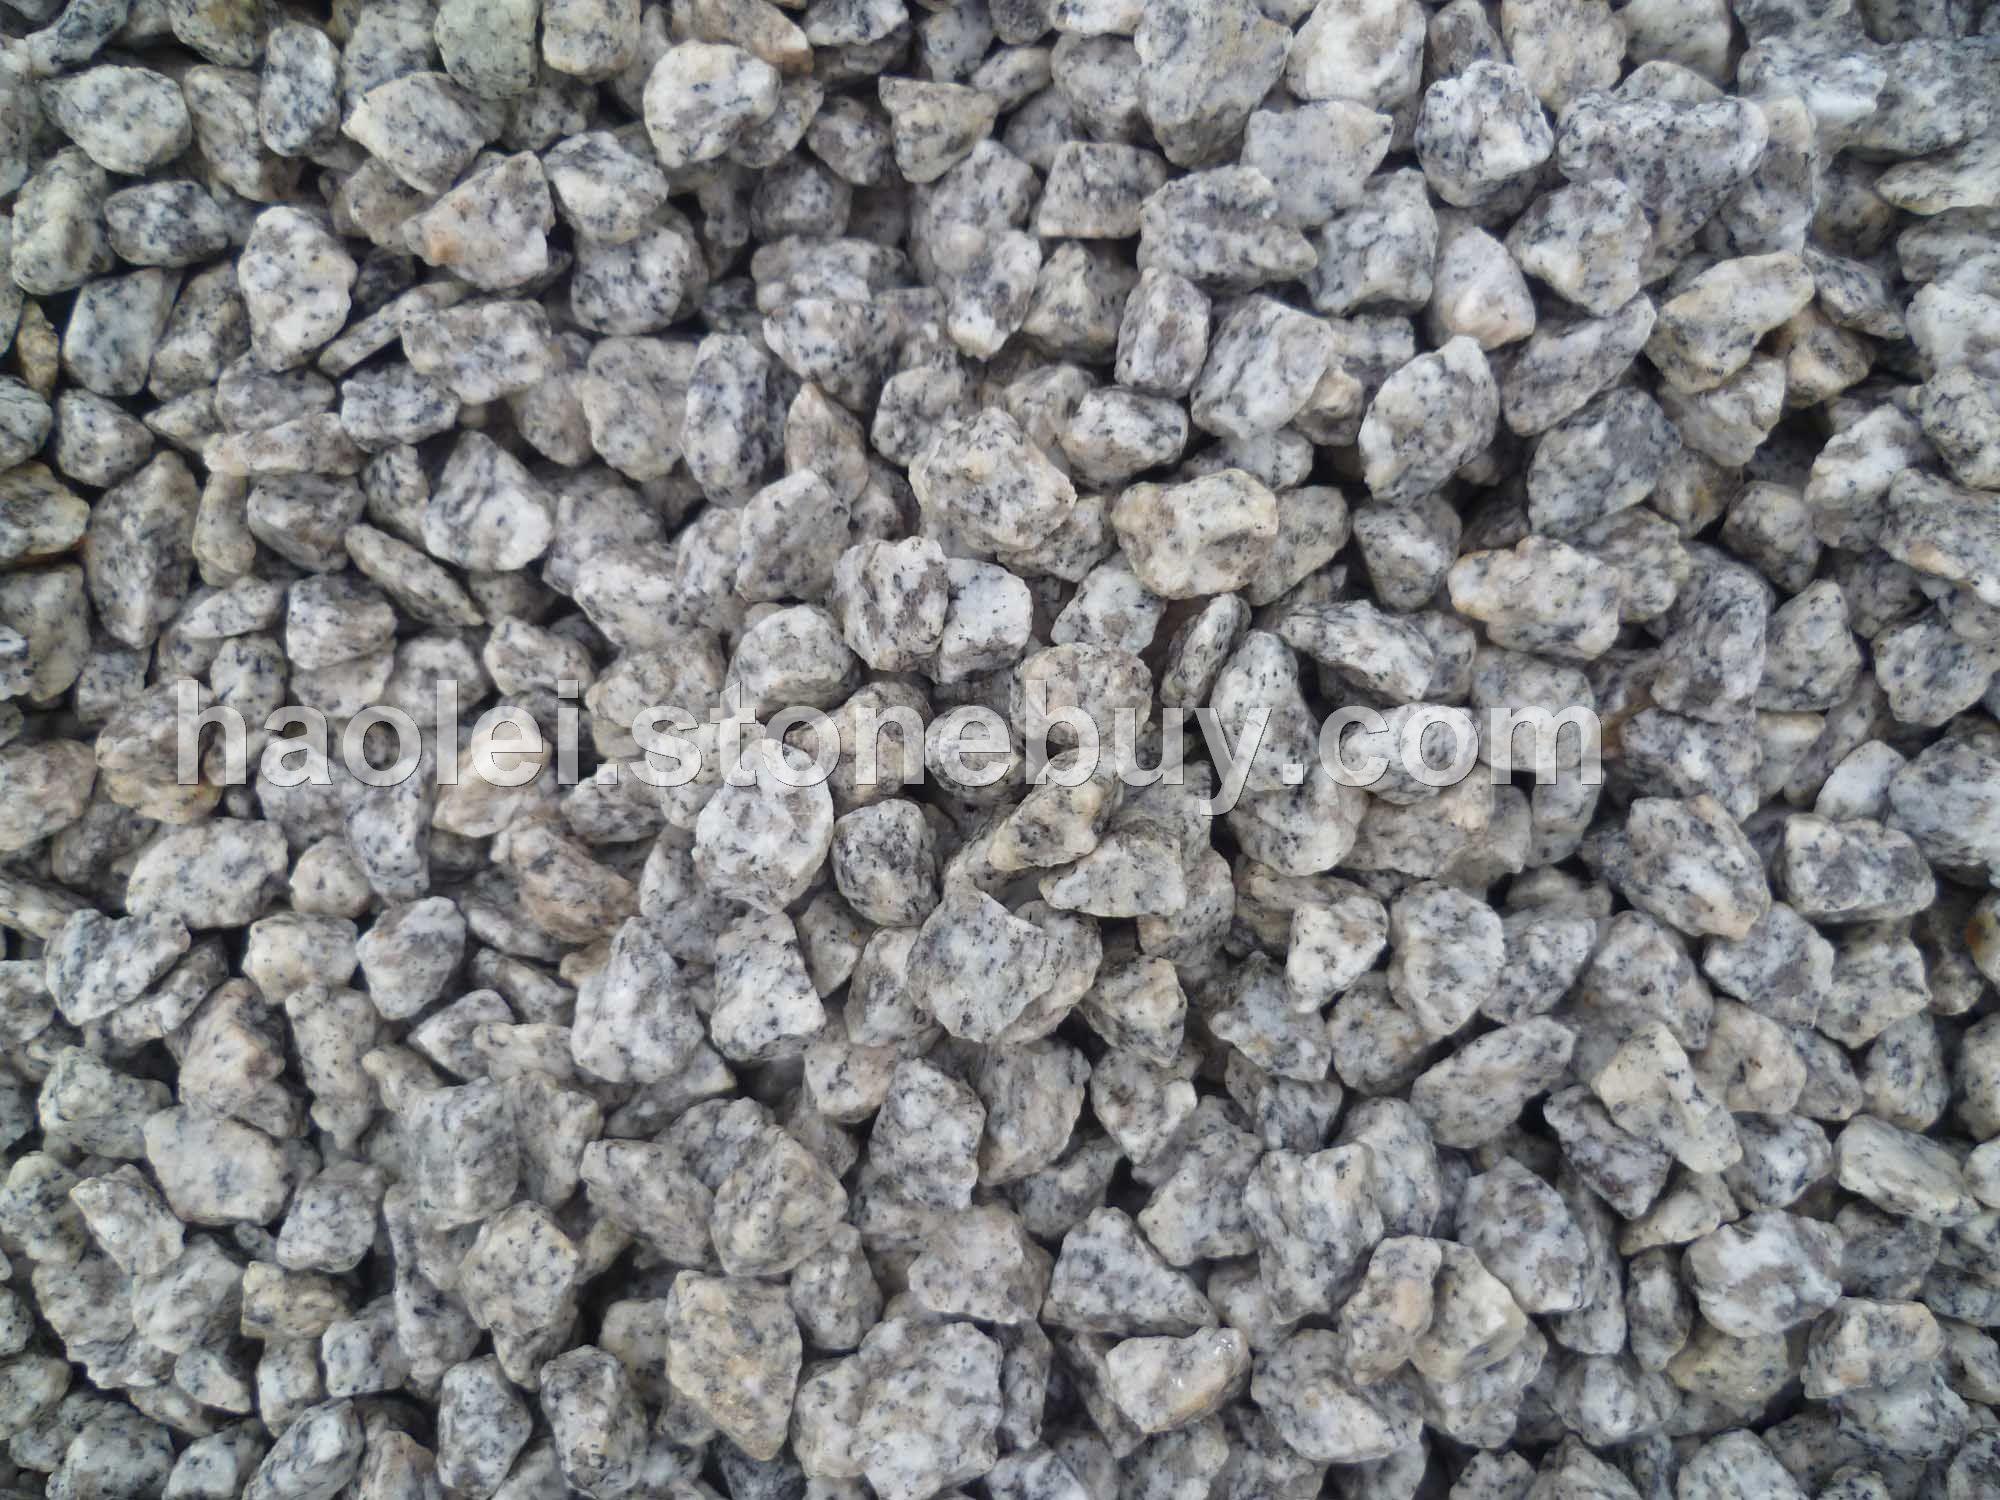 芝麻白鹅卵石